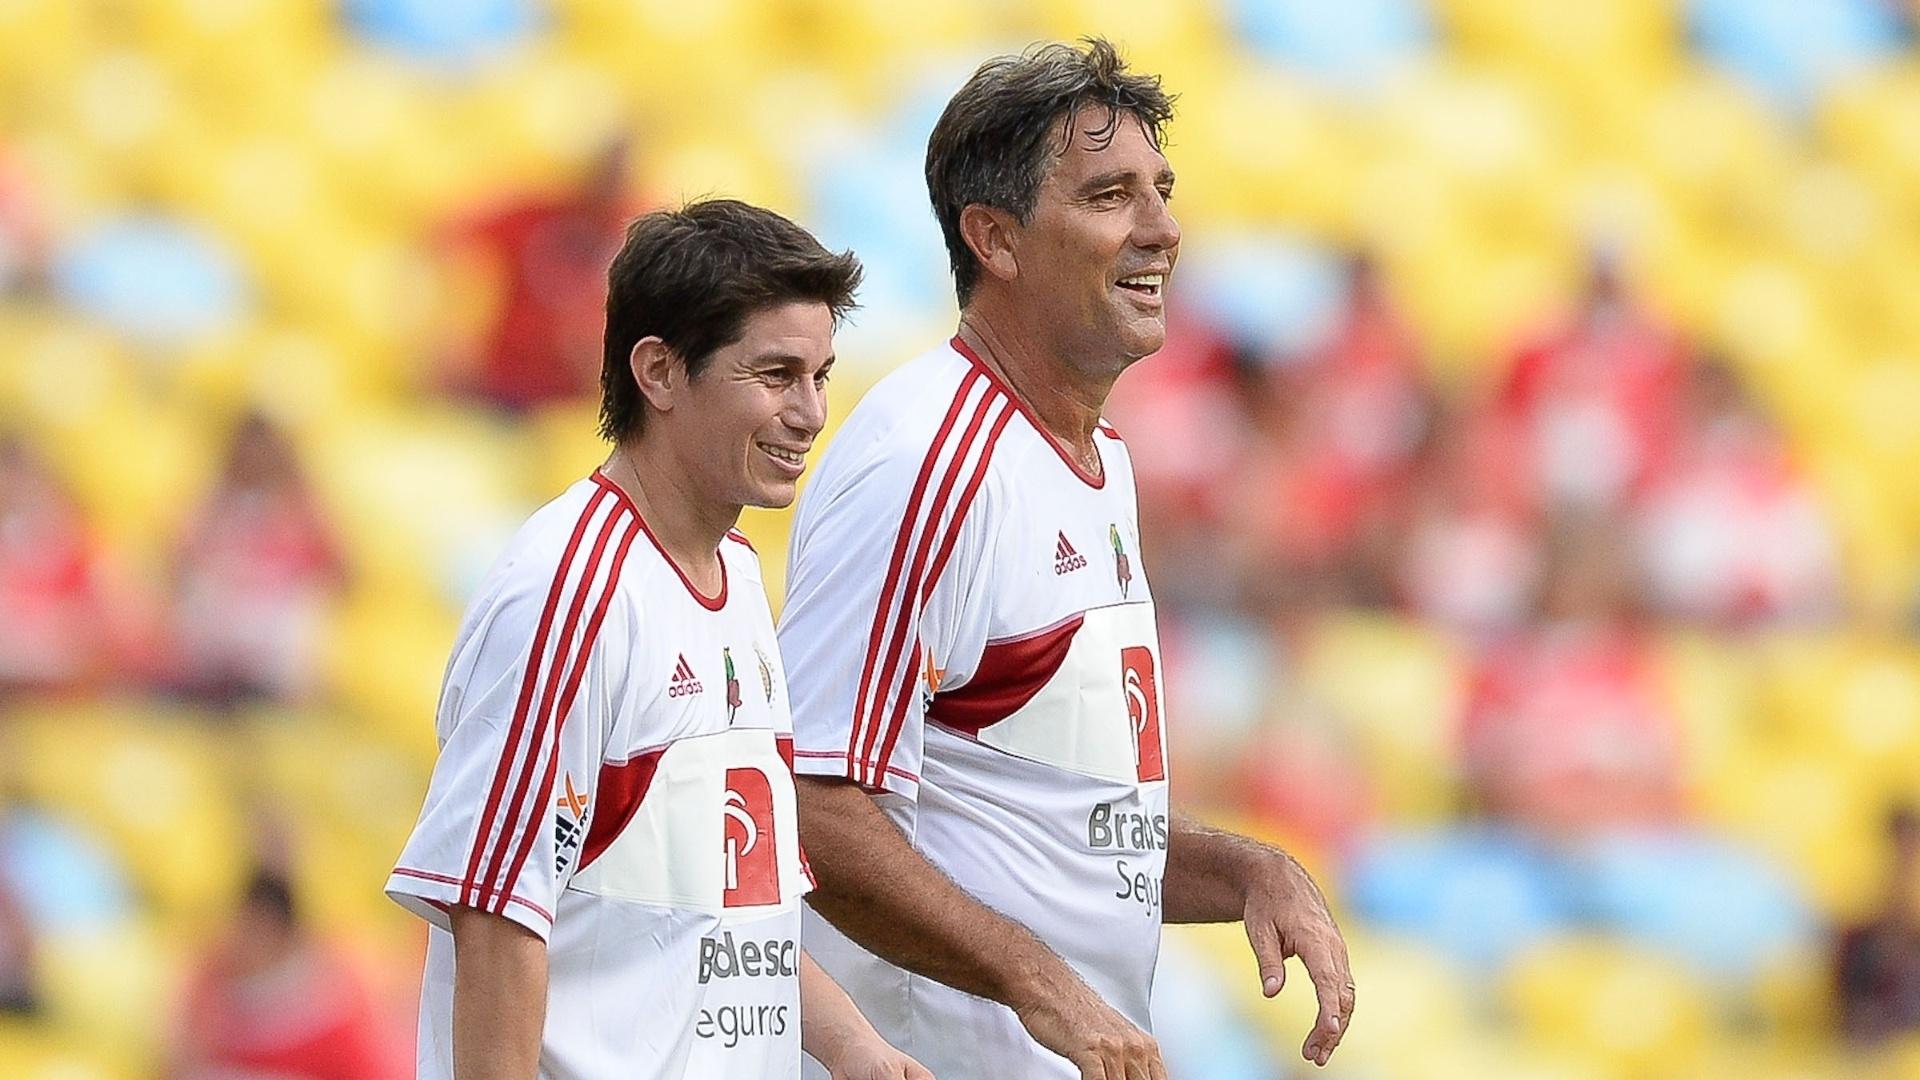 28.dez.2013 - Renato Gaúcho e Conca se divertem durante o Jogo das Estrelas, no Maracanã